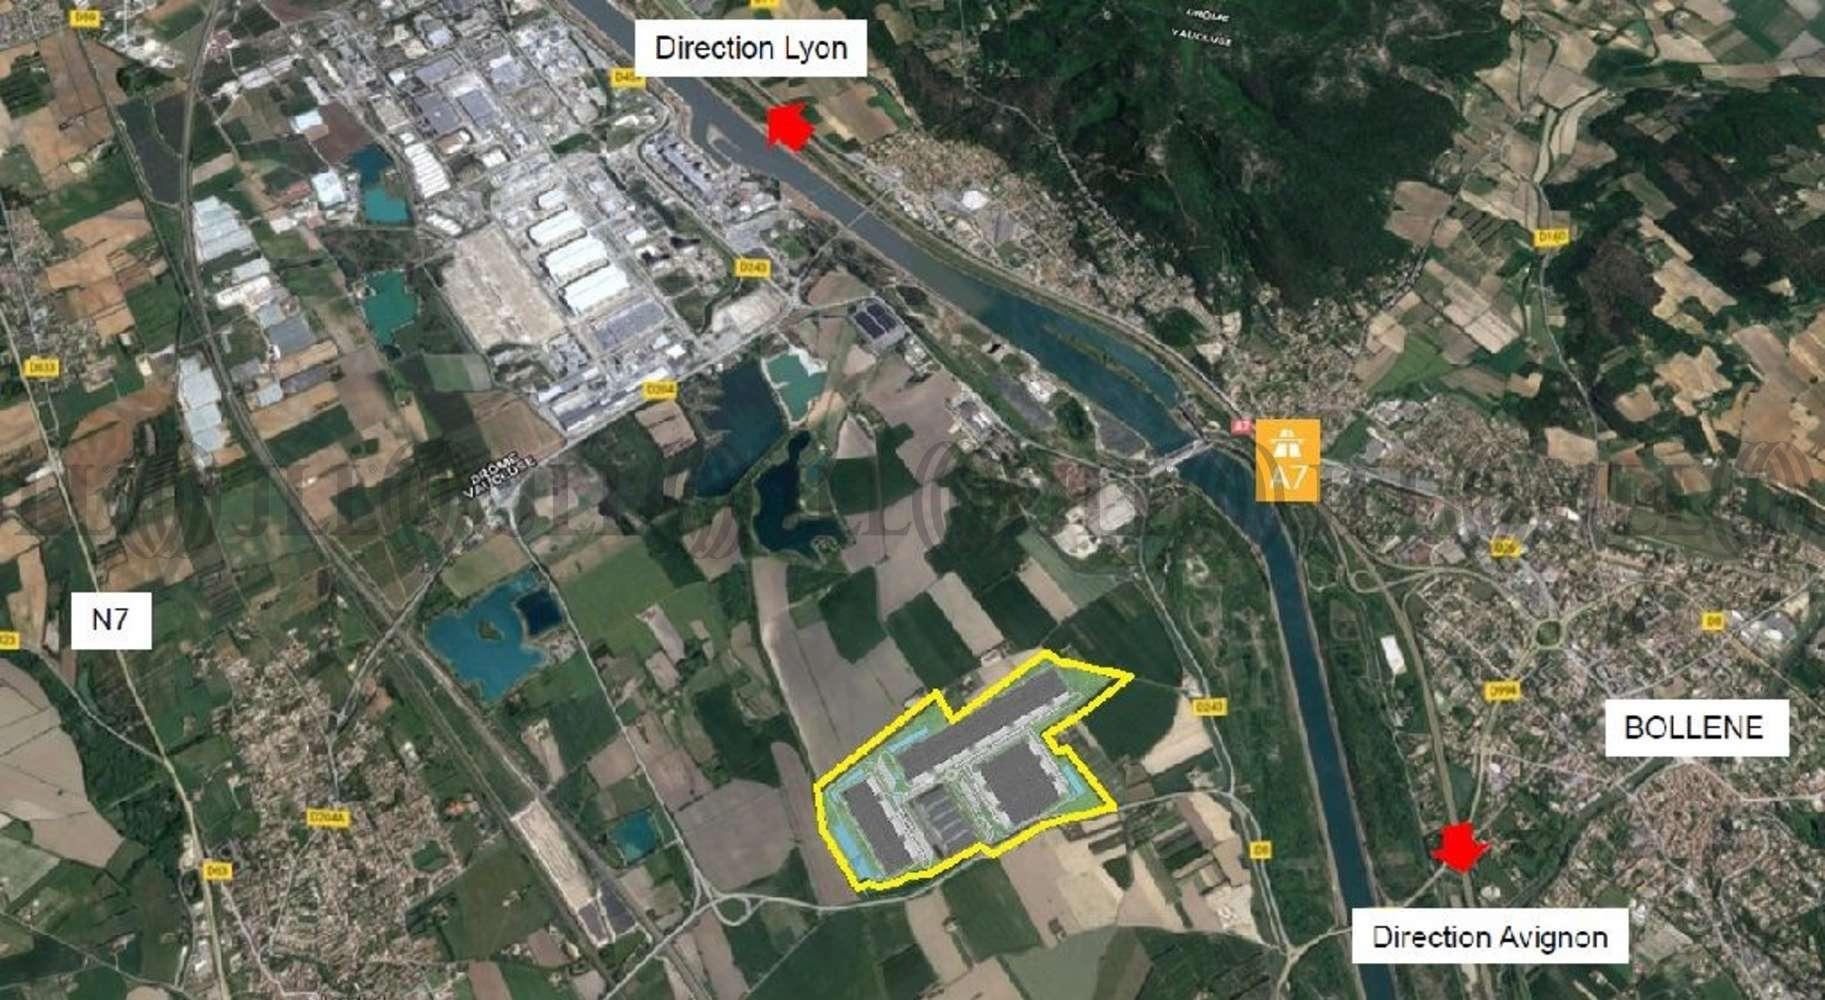 Plateformes logistiques Bollene, 84500 - Plateforme logistique - Lyon-Marseille - 9530369